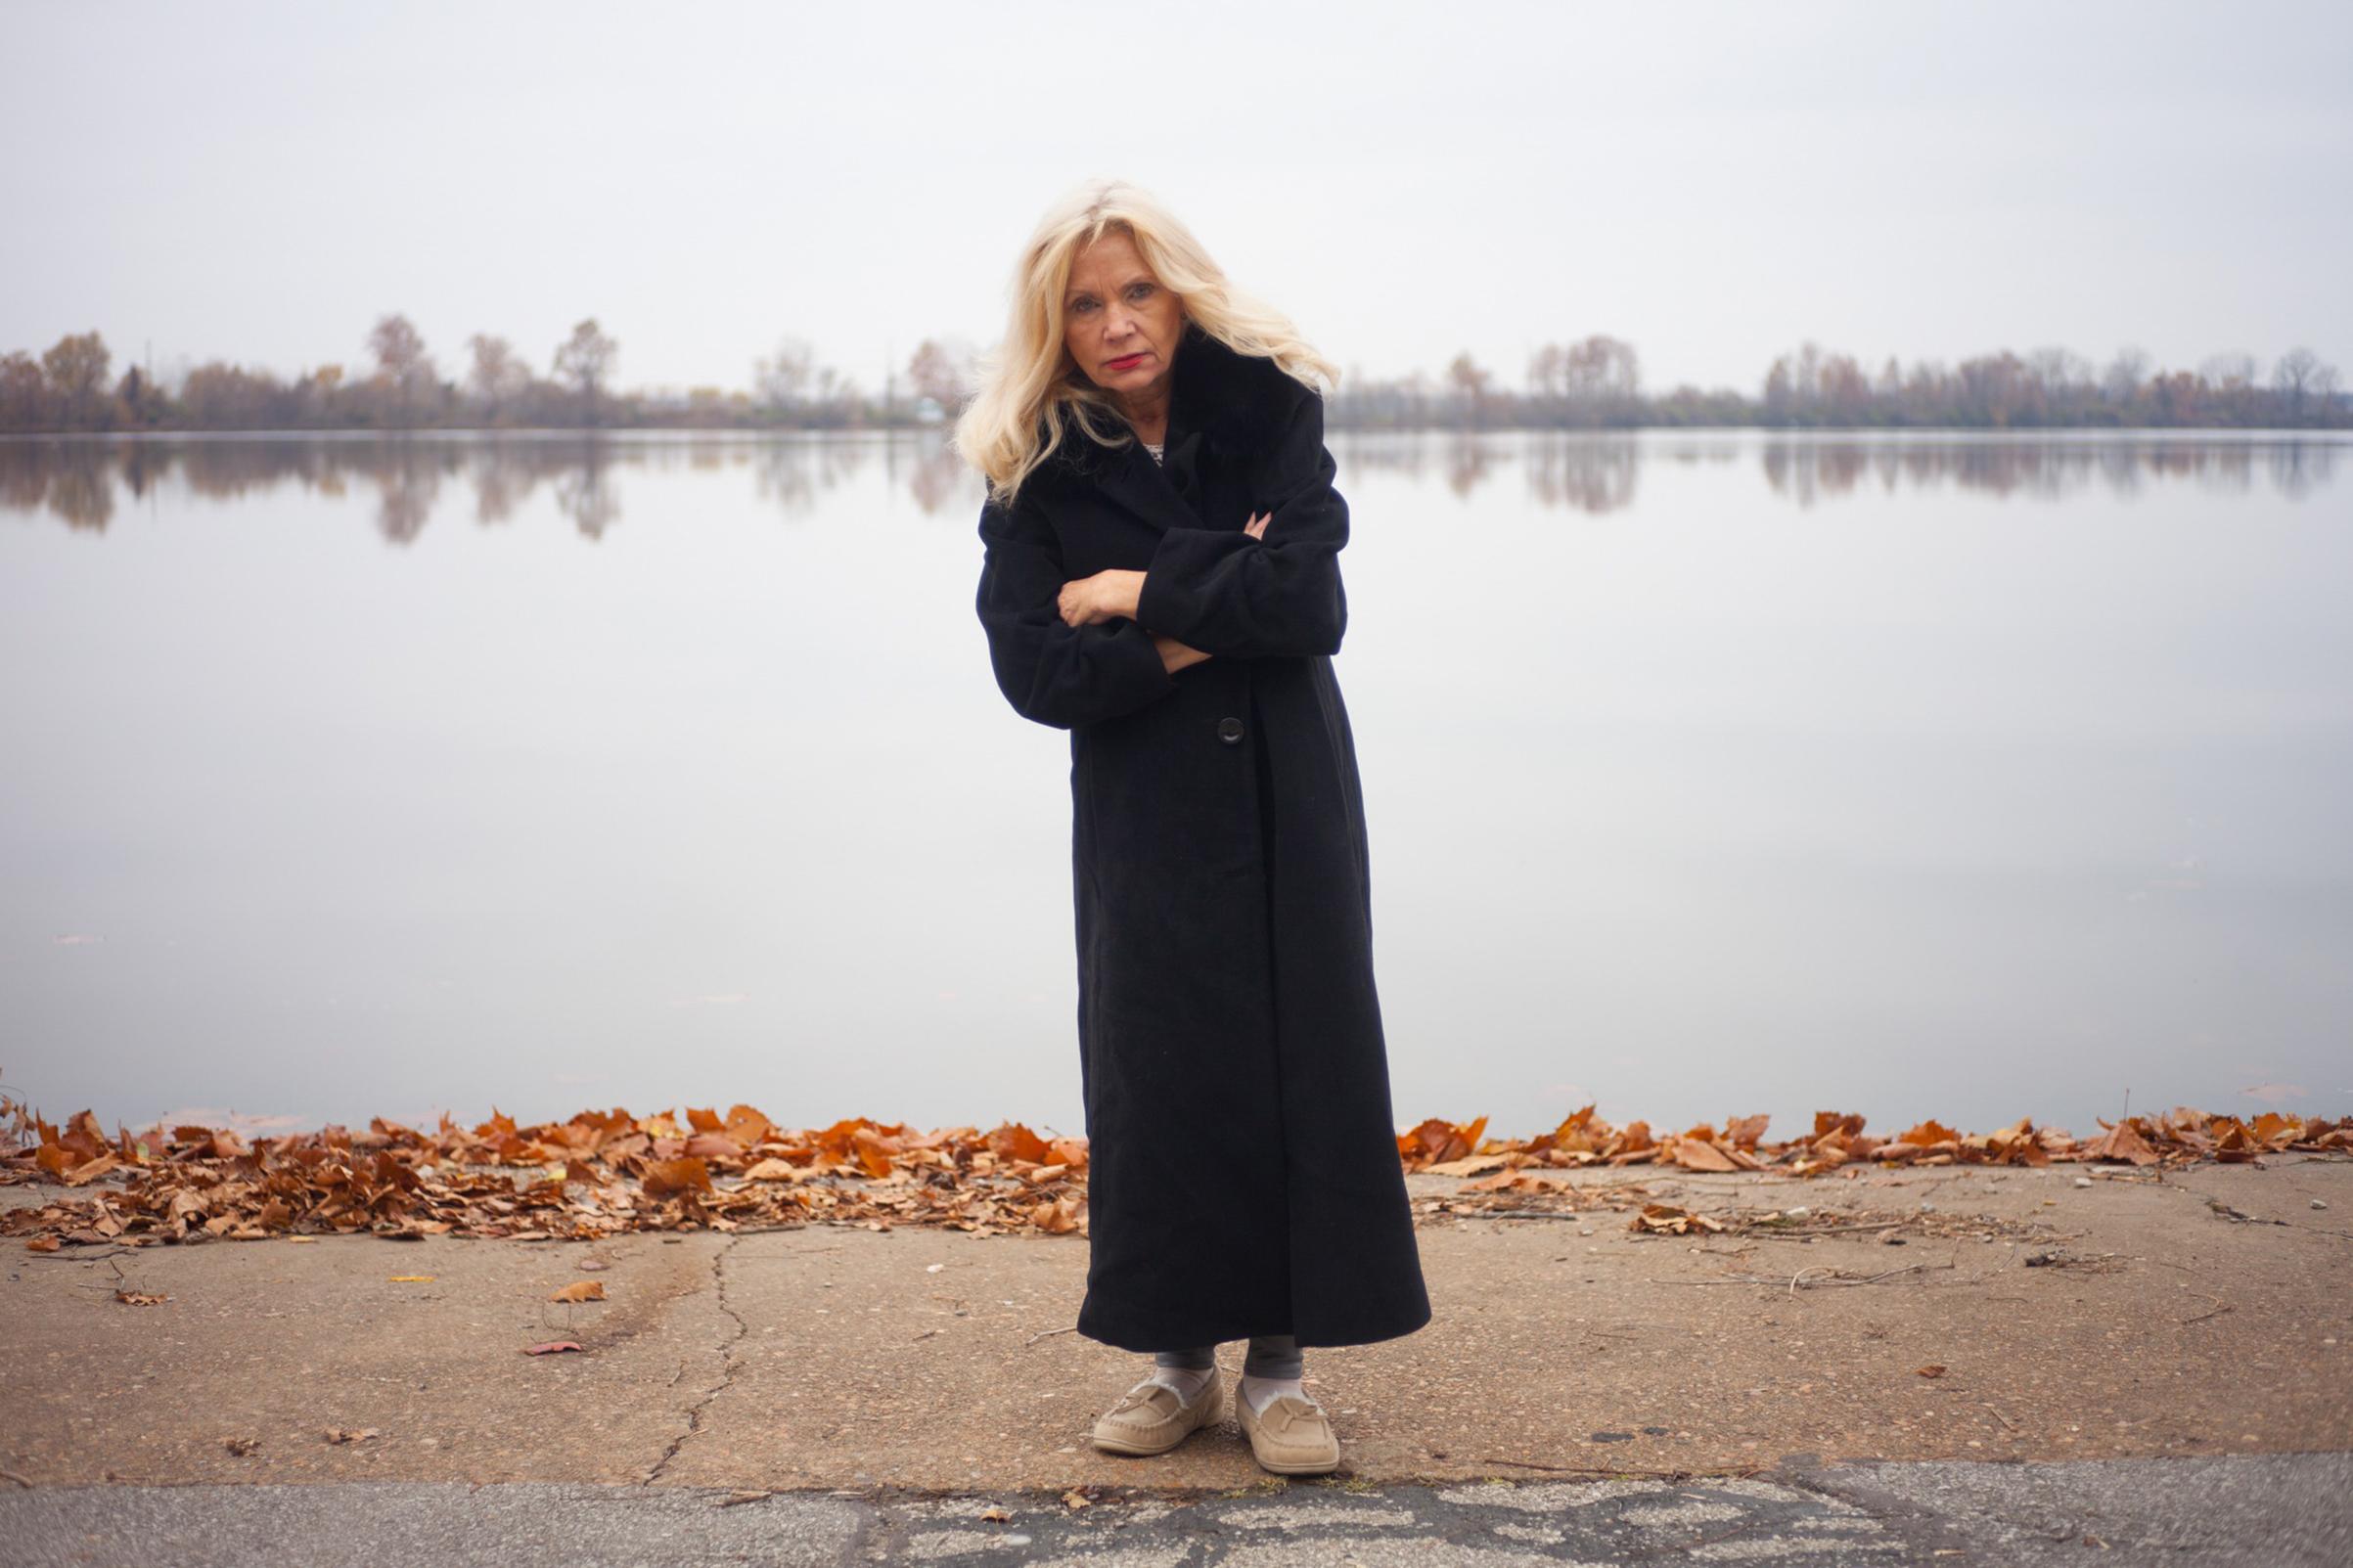 Deborah Adams, the photographer's mother, at Creve Coeur Lake in Missouri, November2016